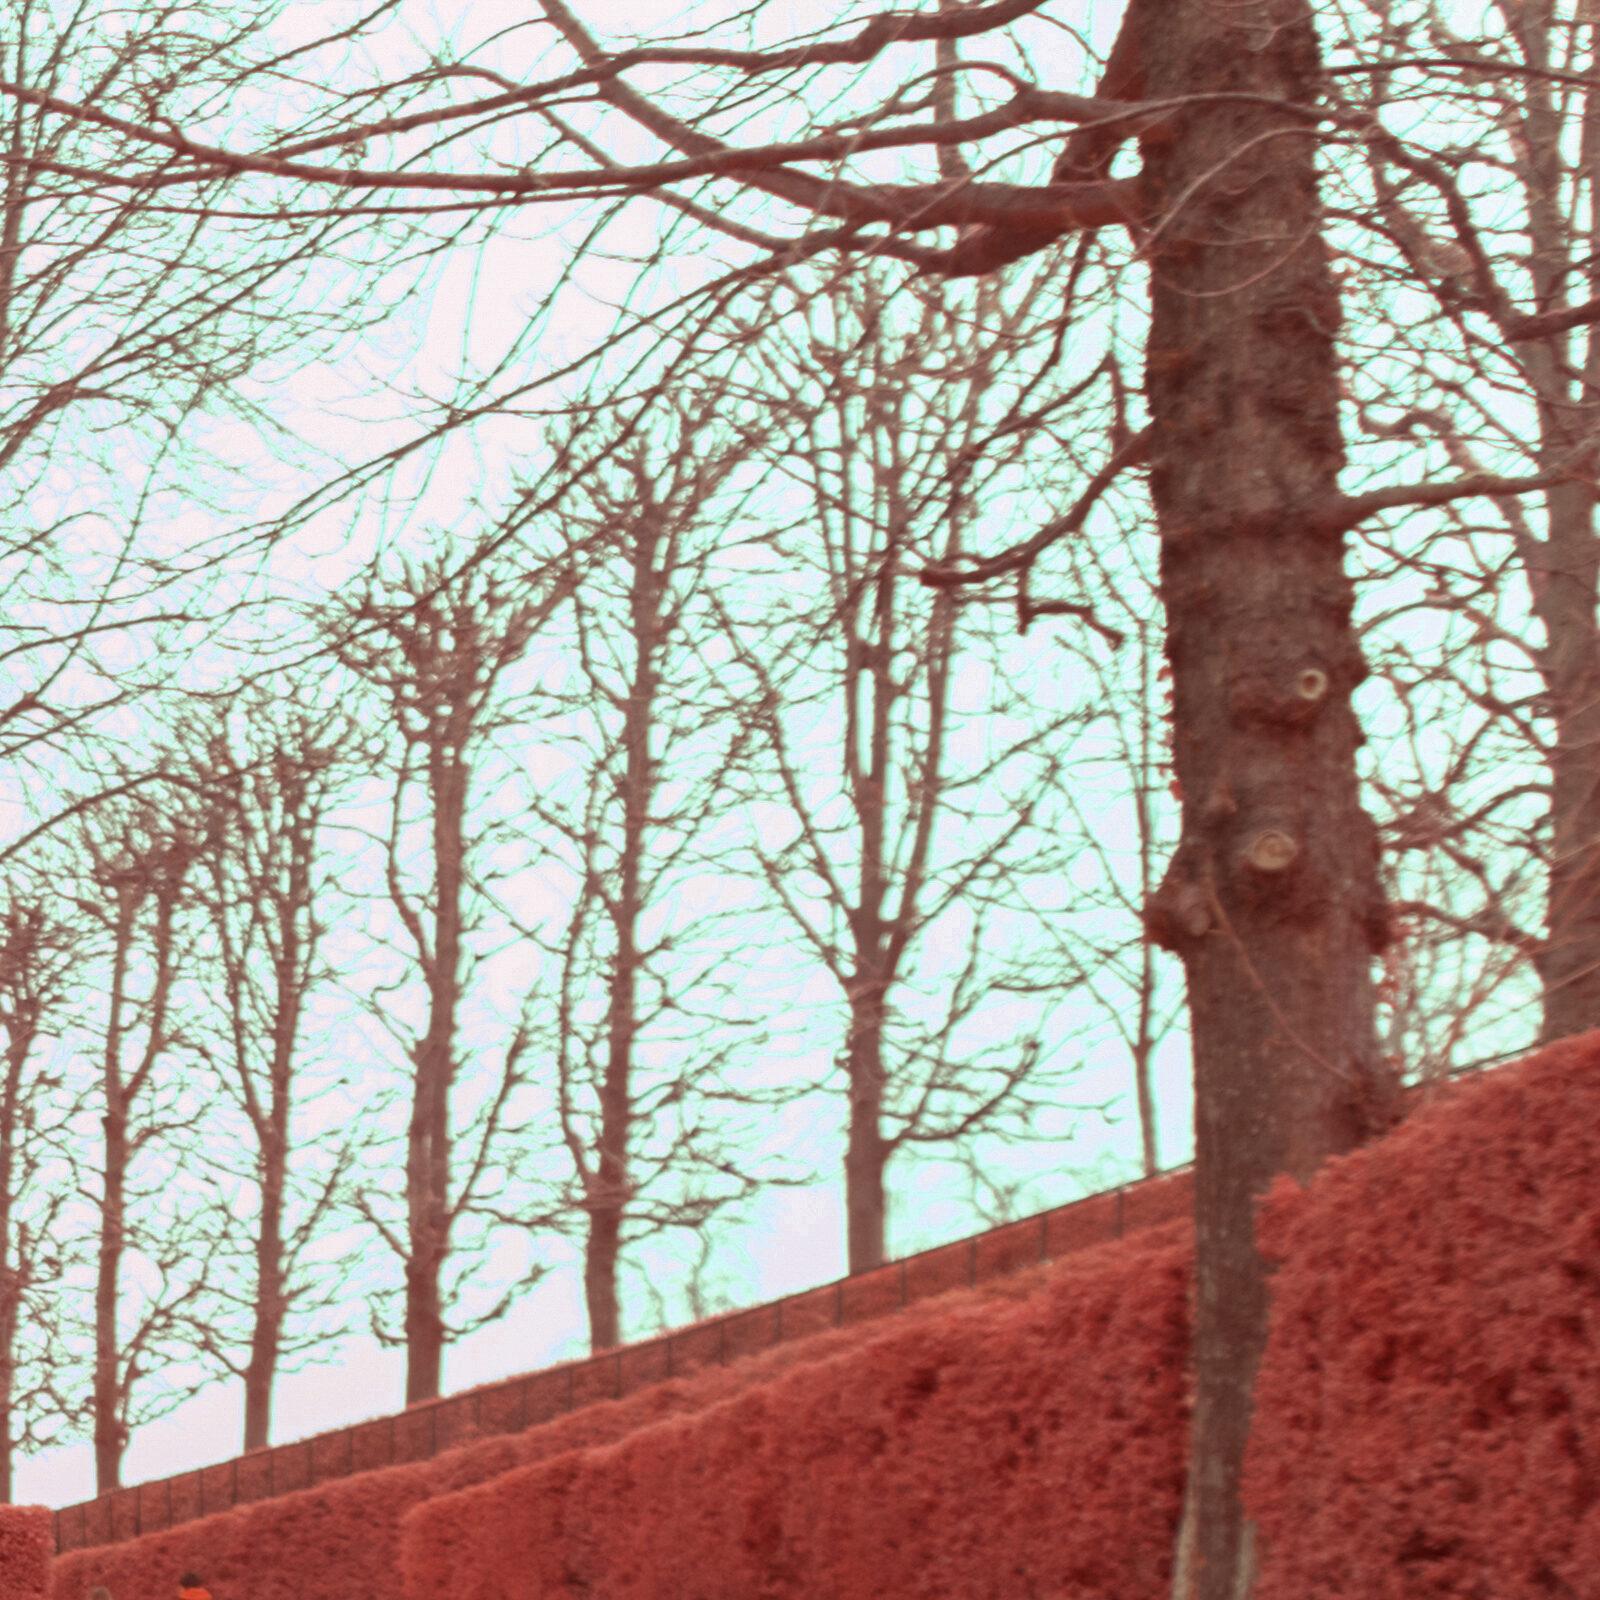 test Tamron SP 15 30 mm f4 Di VC USD details 500nm 24mm 2 | Pierre-Louis Ferrer | Test du Tamron SP 15-30mm f2.8 Di VC USD en photographie infrarouge | Partie 2